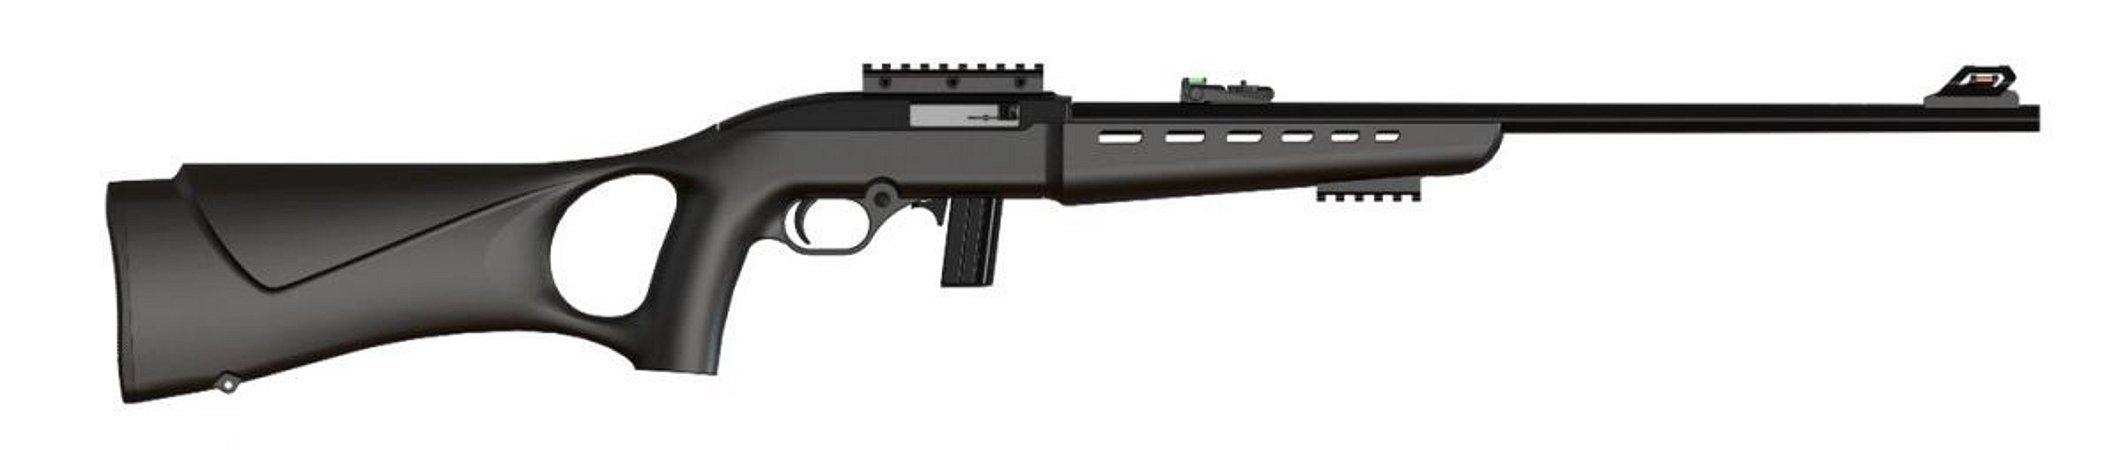 """7022 Rifle CBC Semiautomático Way Cal. 22LR - Cano 21"""" - 10 Tiros - Oxidado"""